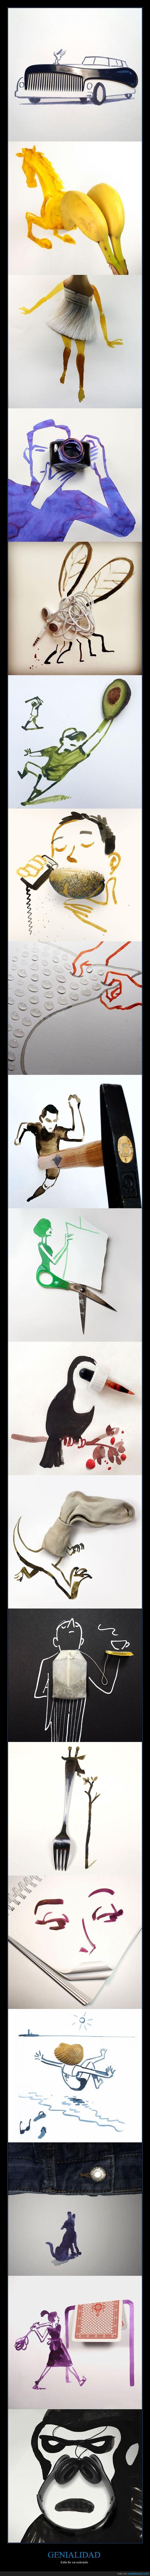 completar,ilustrador,objetos